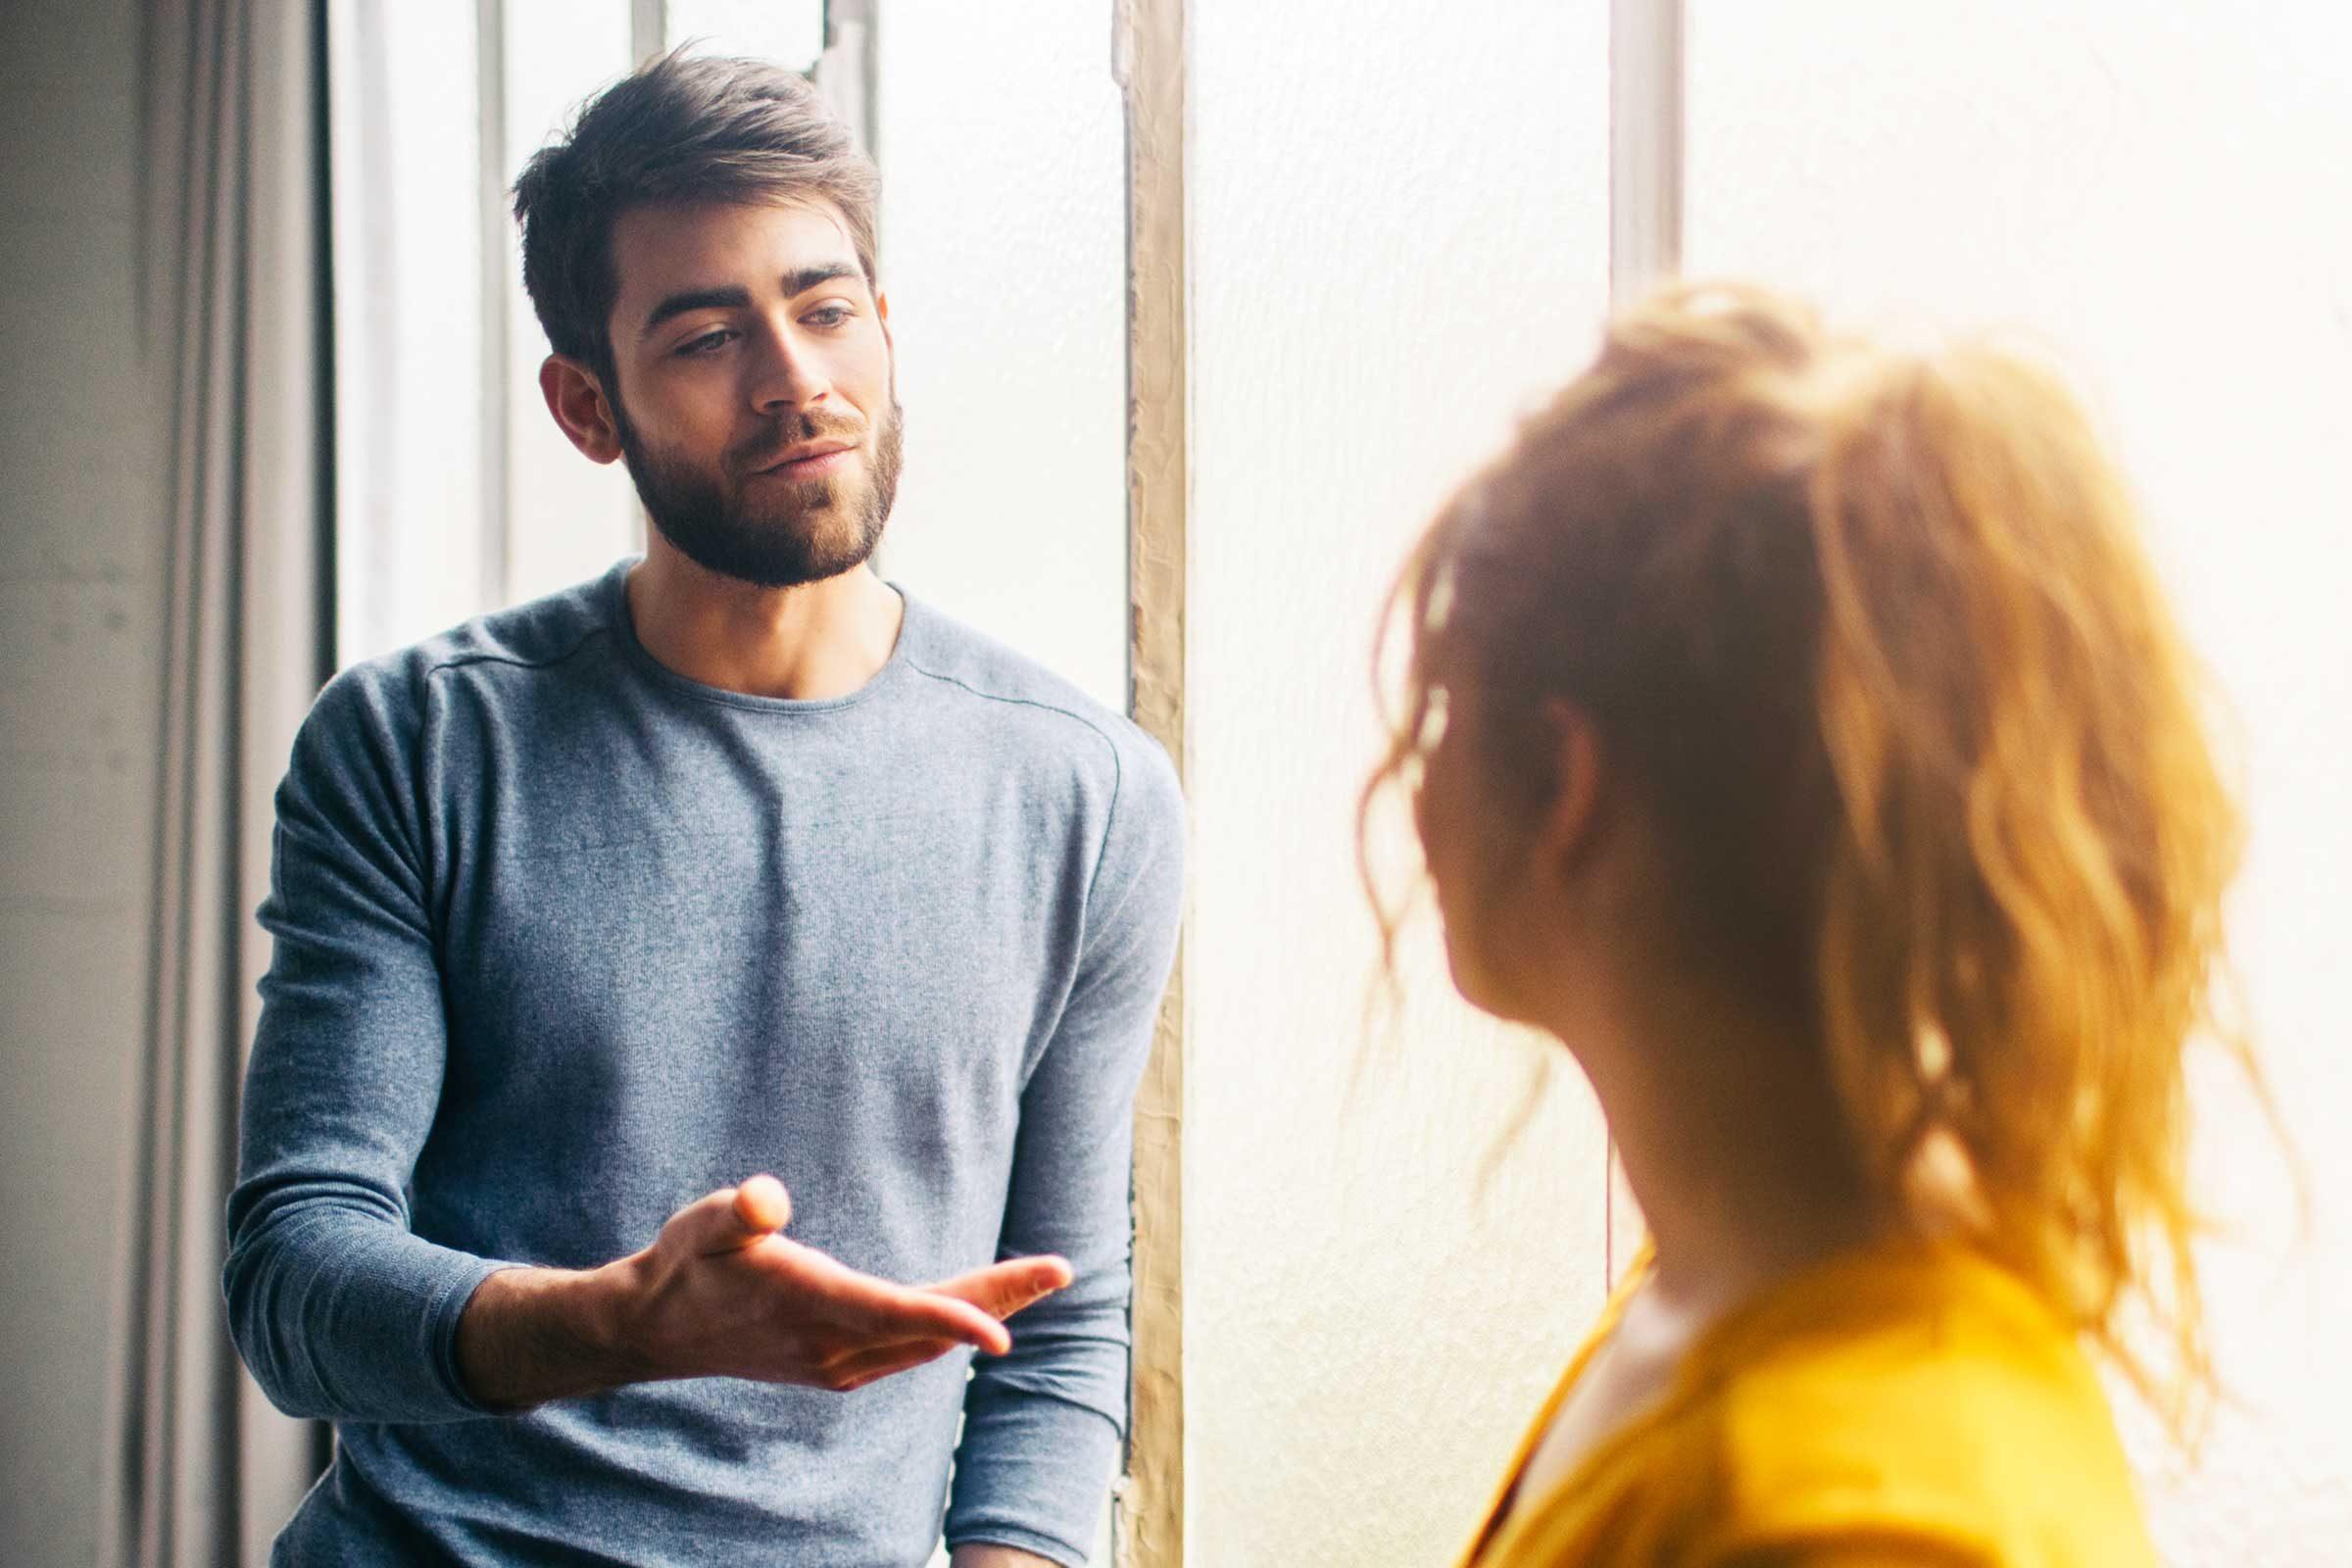 3-torts-reconnaitre-conflit-relation-confiance-couple